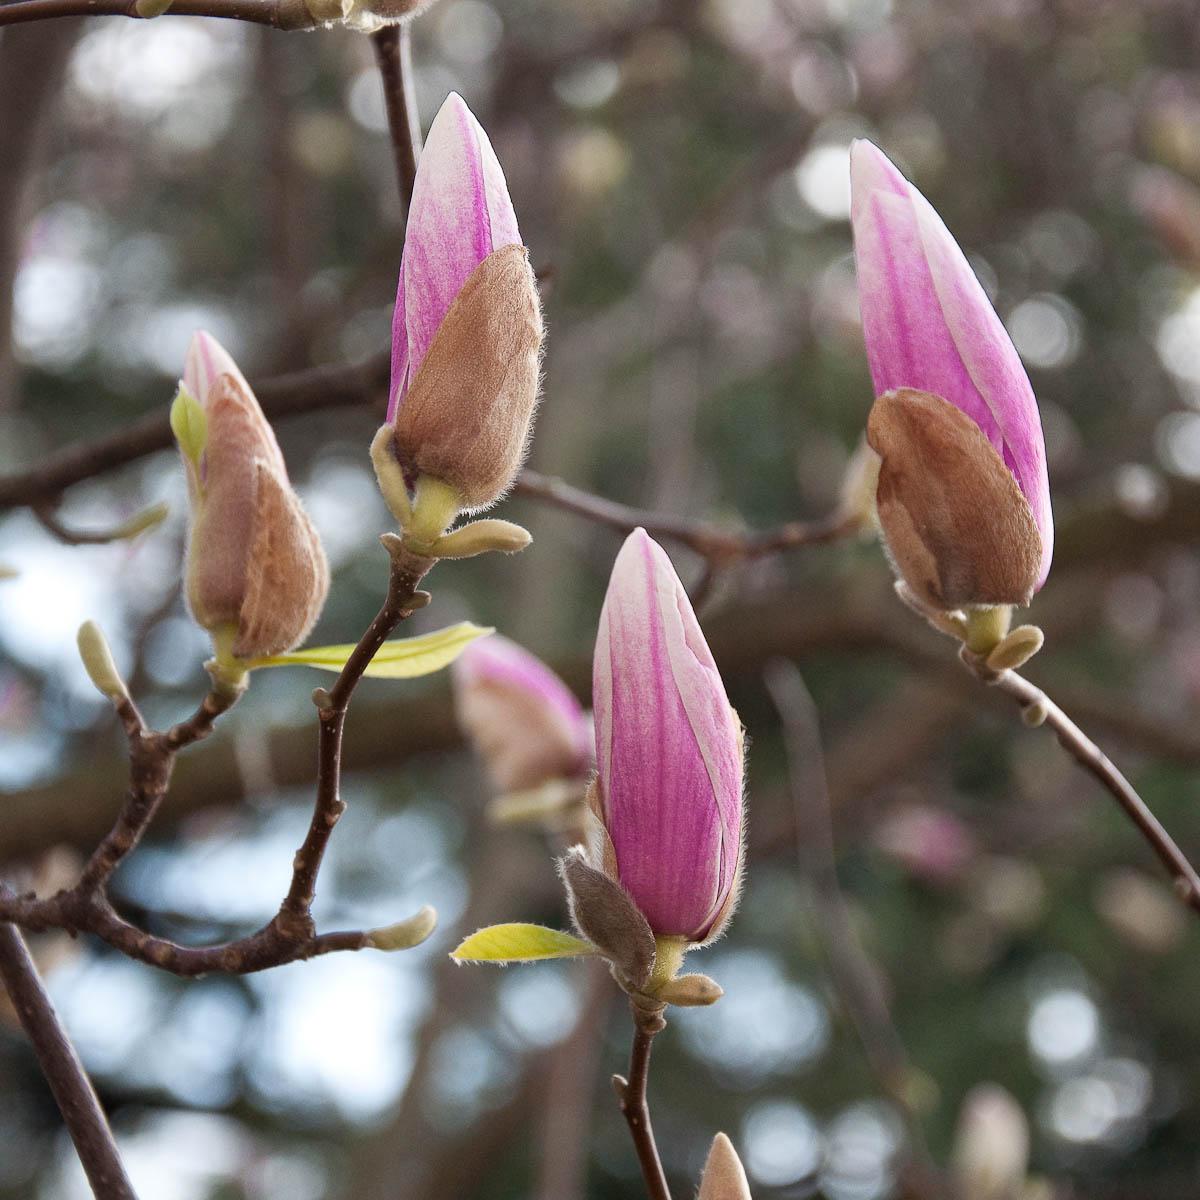 Magnolia in bloom, Vicenza, Veneto, Italy